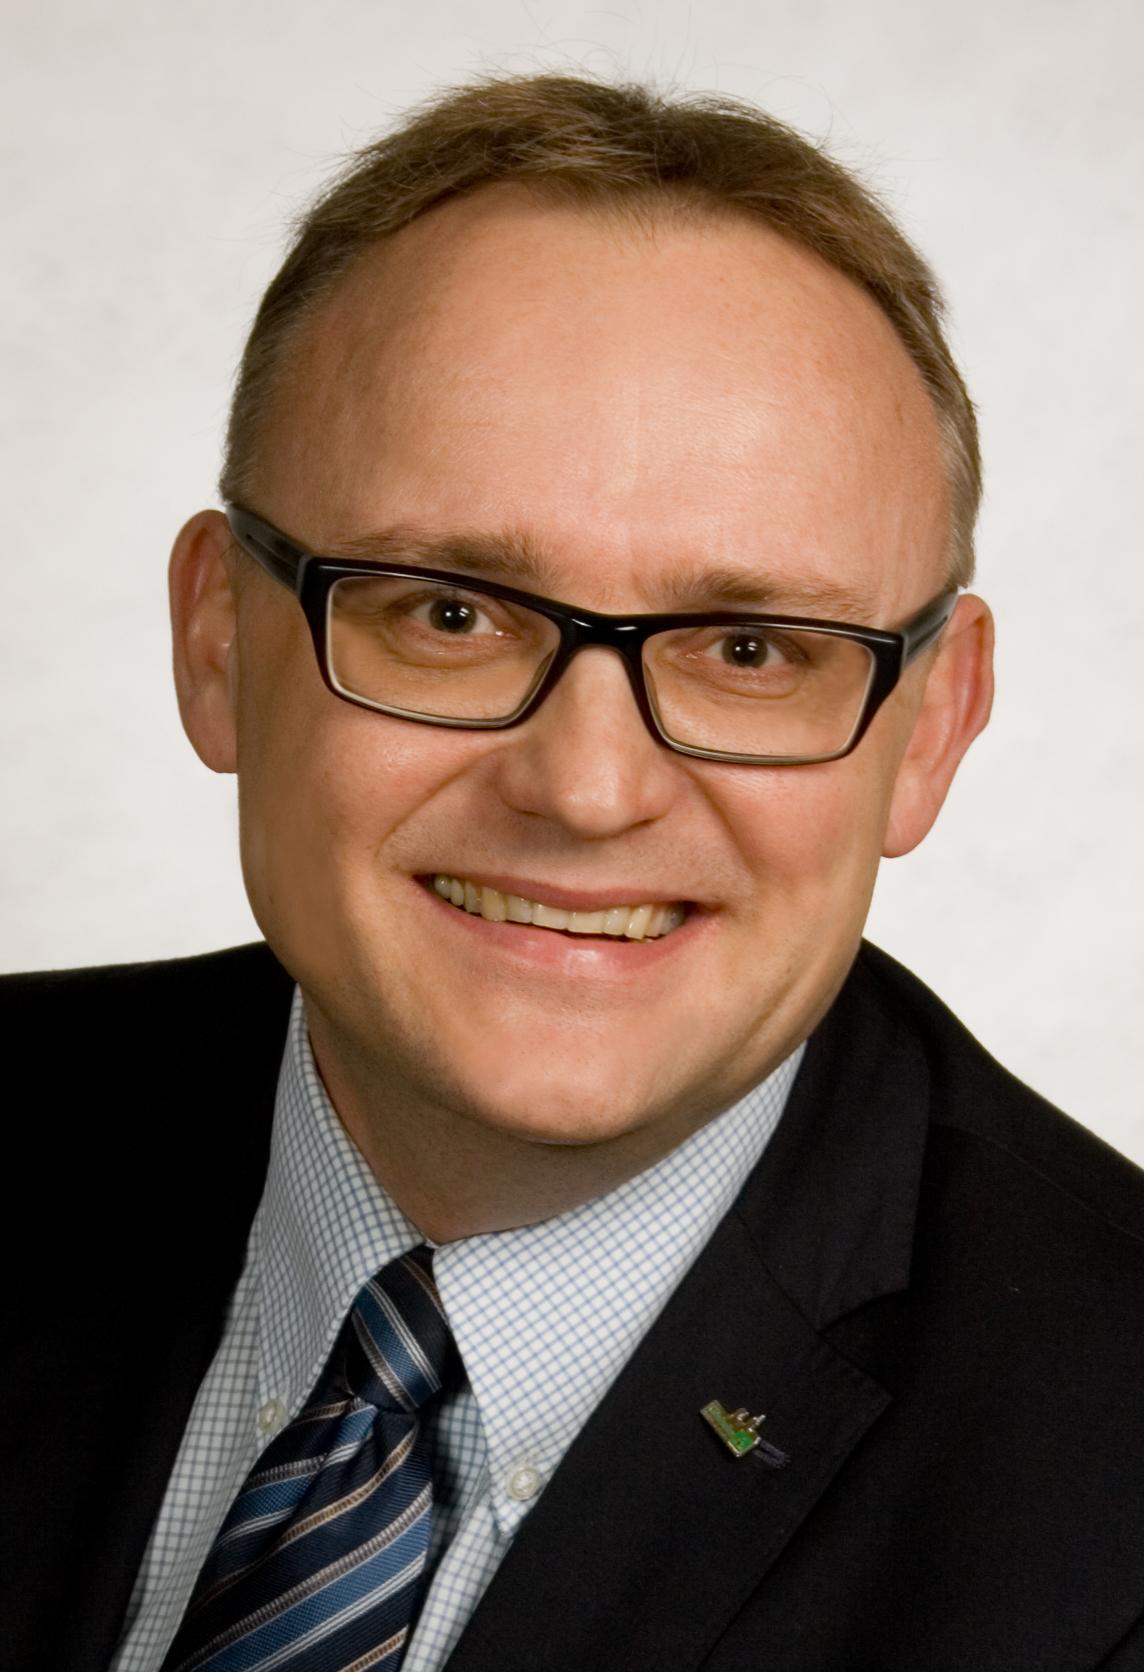 Schreglmann